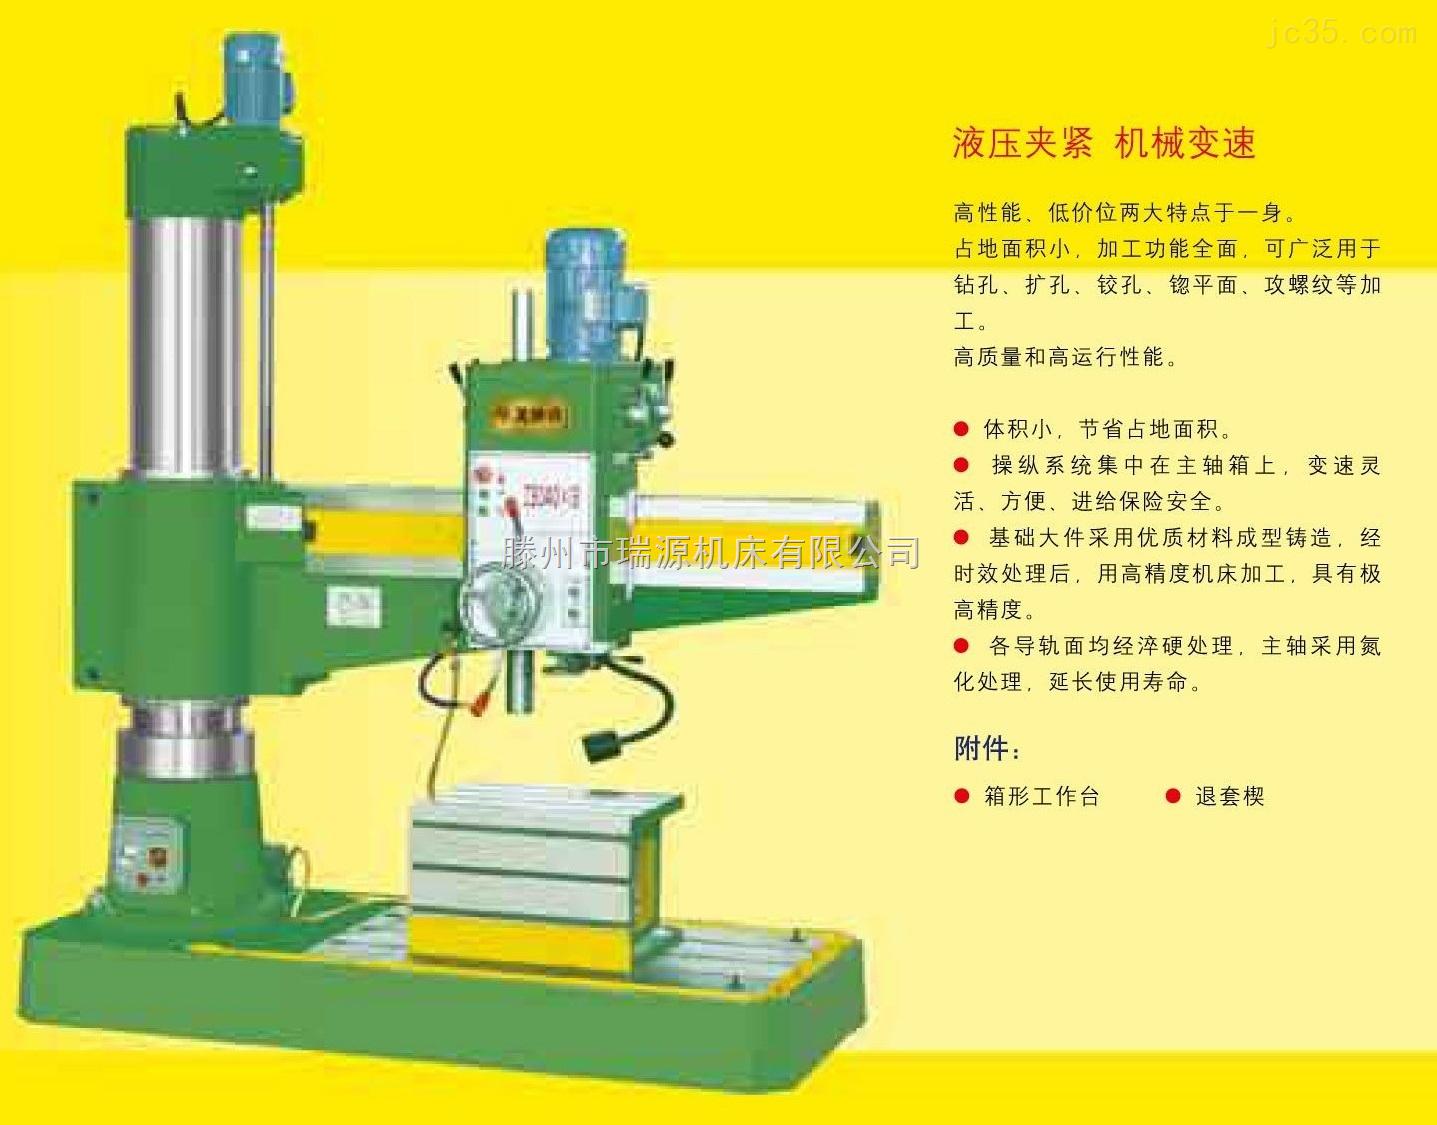 山东的z3040液压摇臂钻床生产厂家